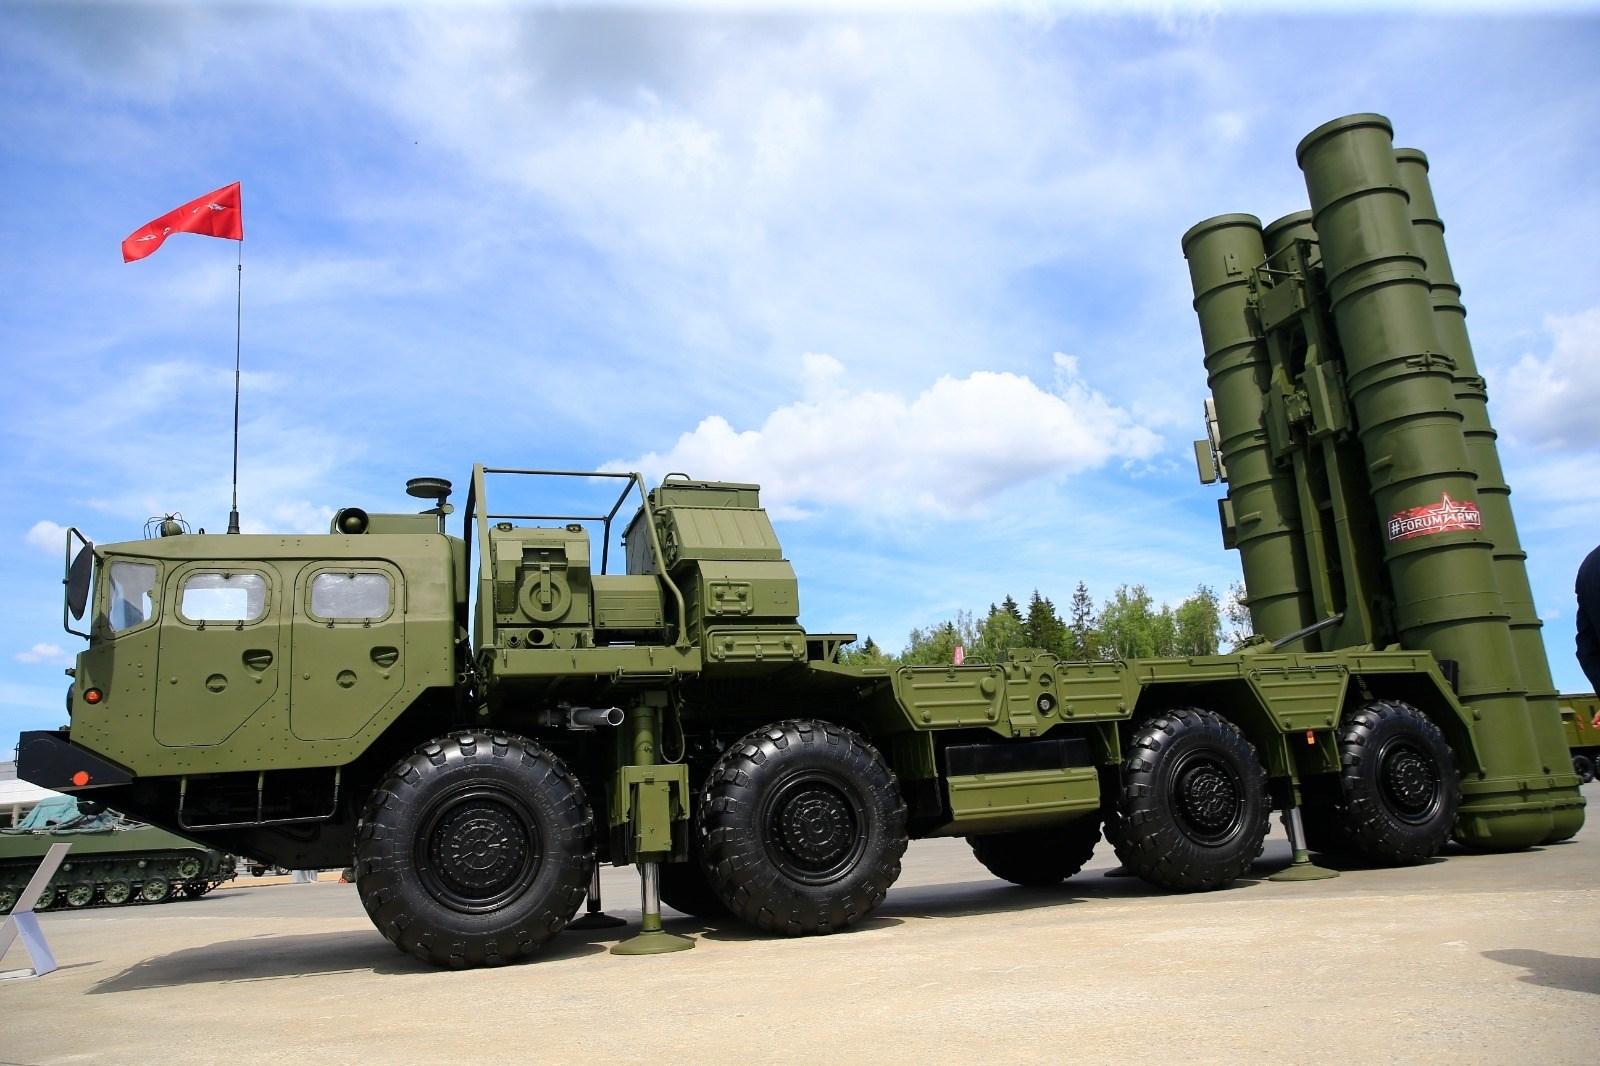 تركيا: أيّ عقوبات أميركية لن تؤثر على استخدامنا لمنظومة إس-400 الروسية